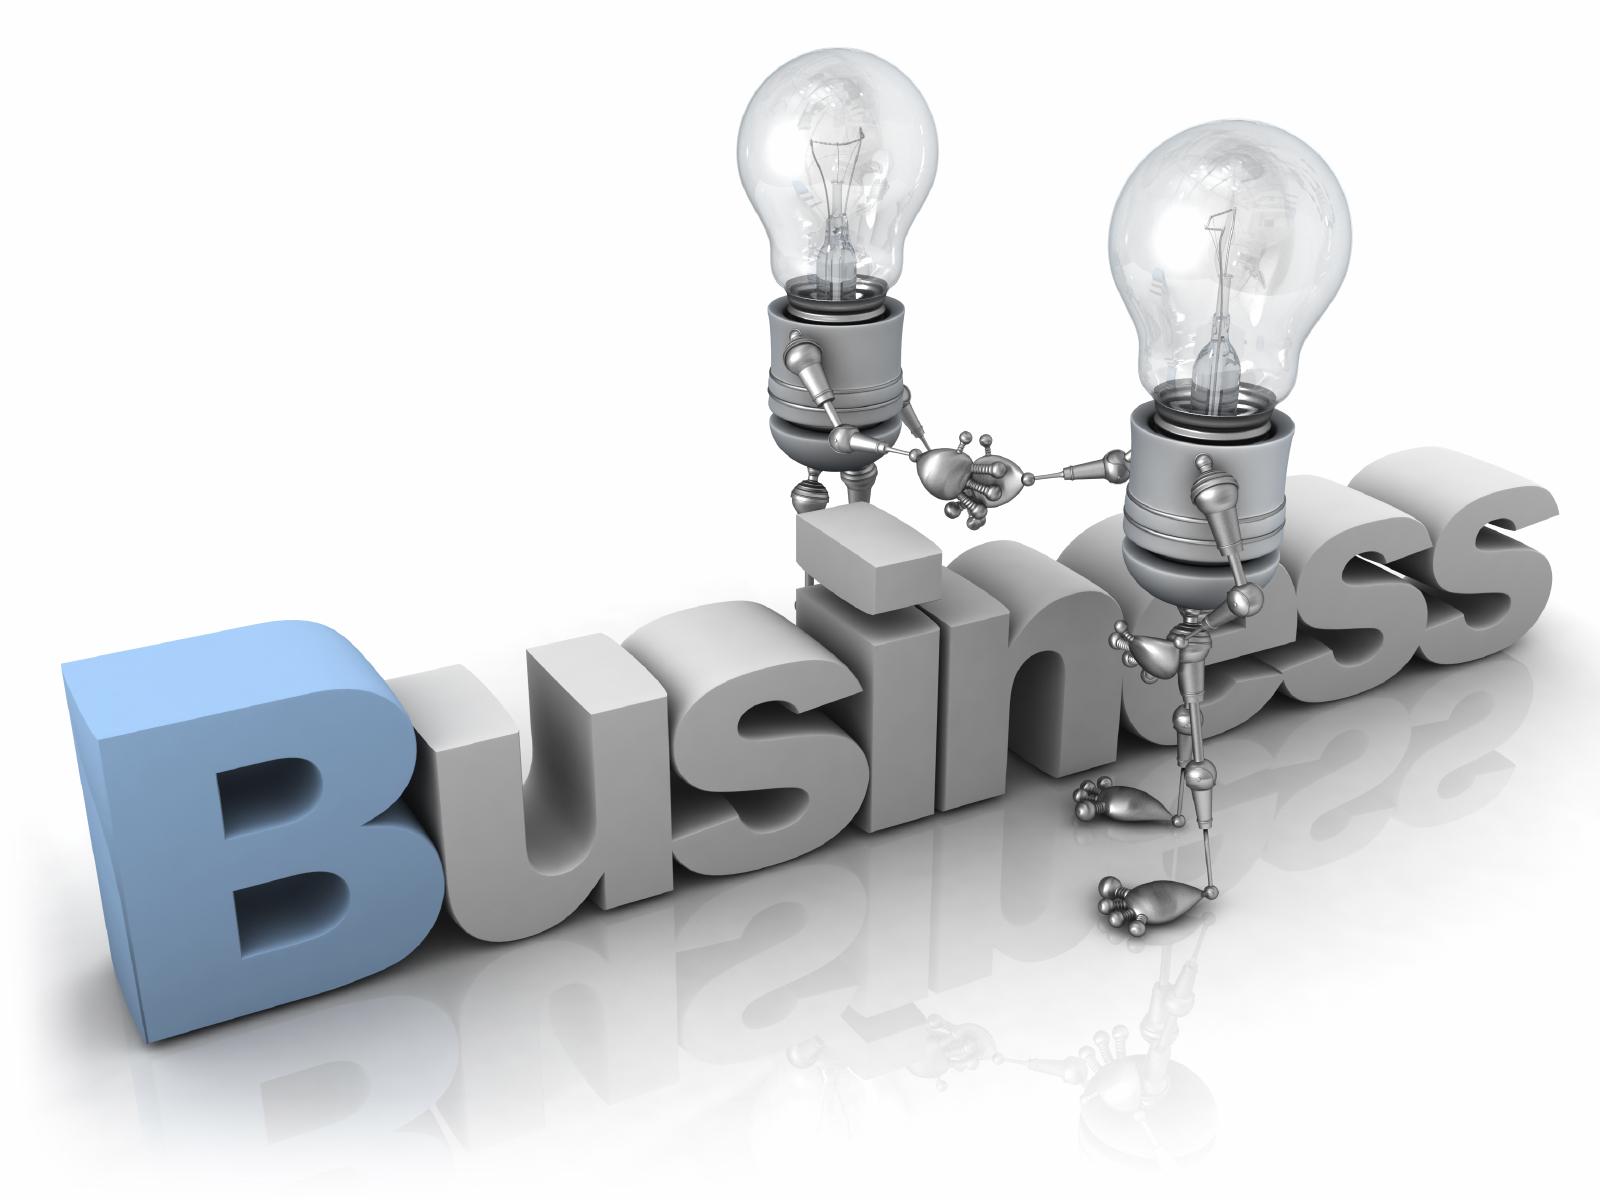 Business & Entrepreneurship Session 17